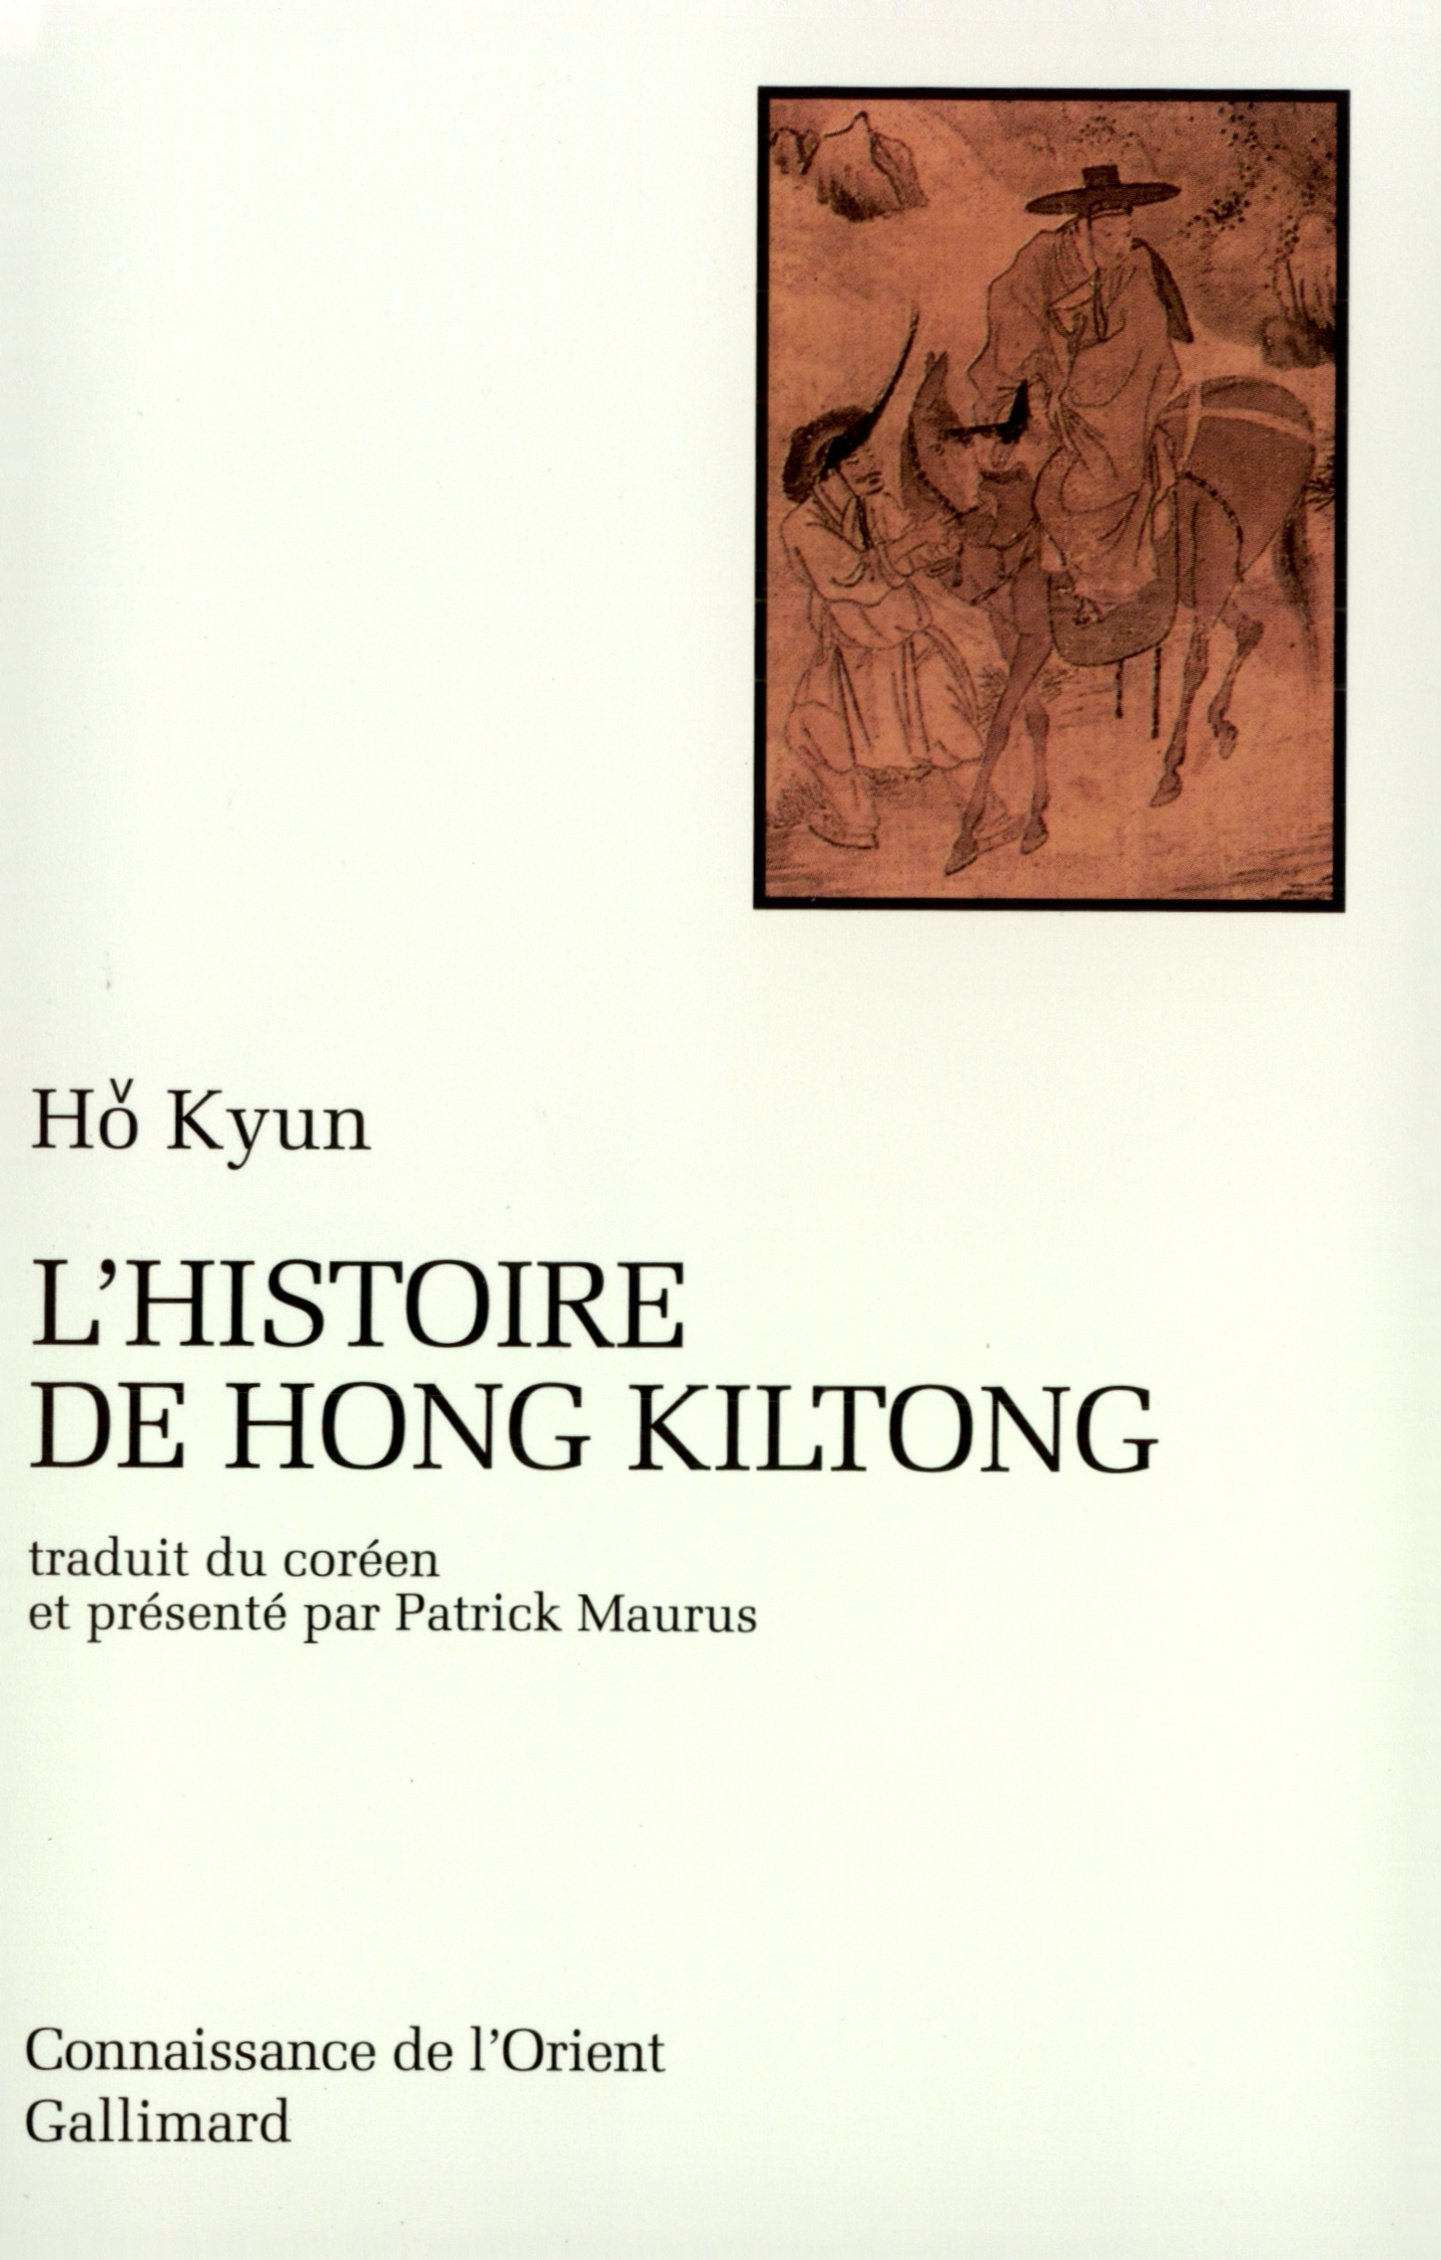 Littérature asiatique / livres sur l'Asie 81C3jL8uC8L